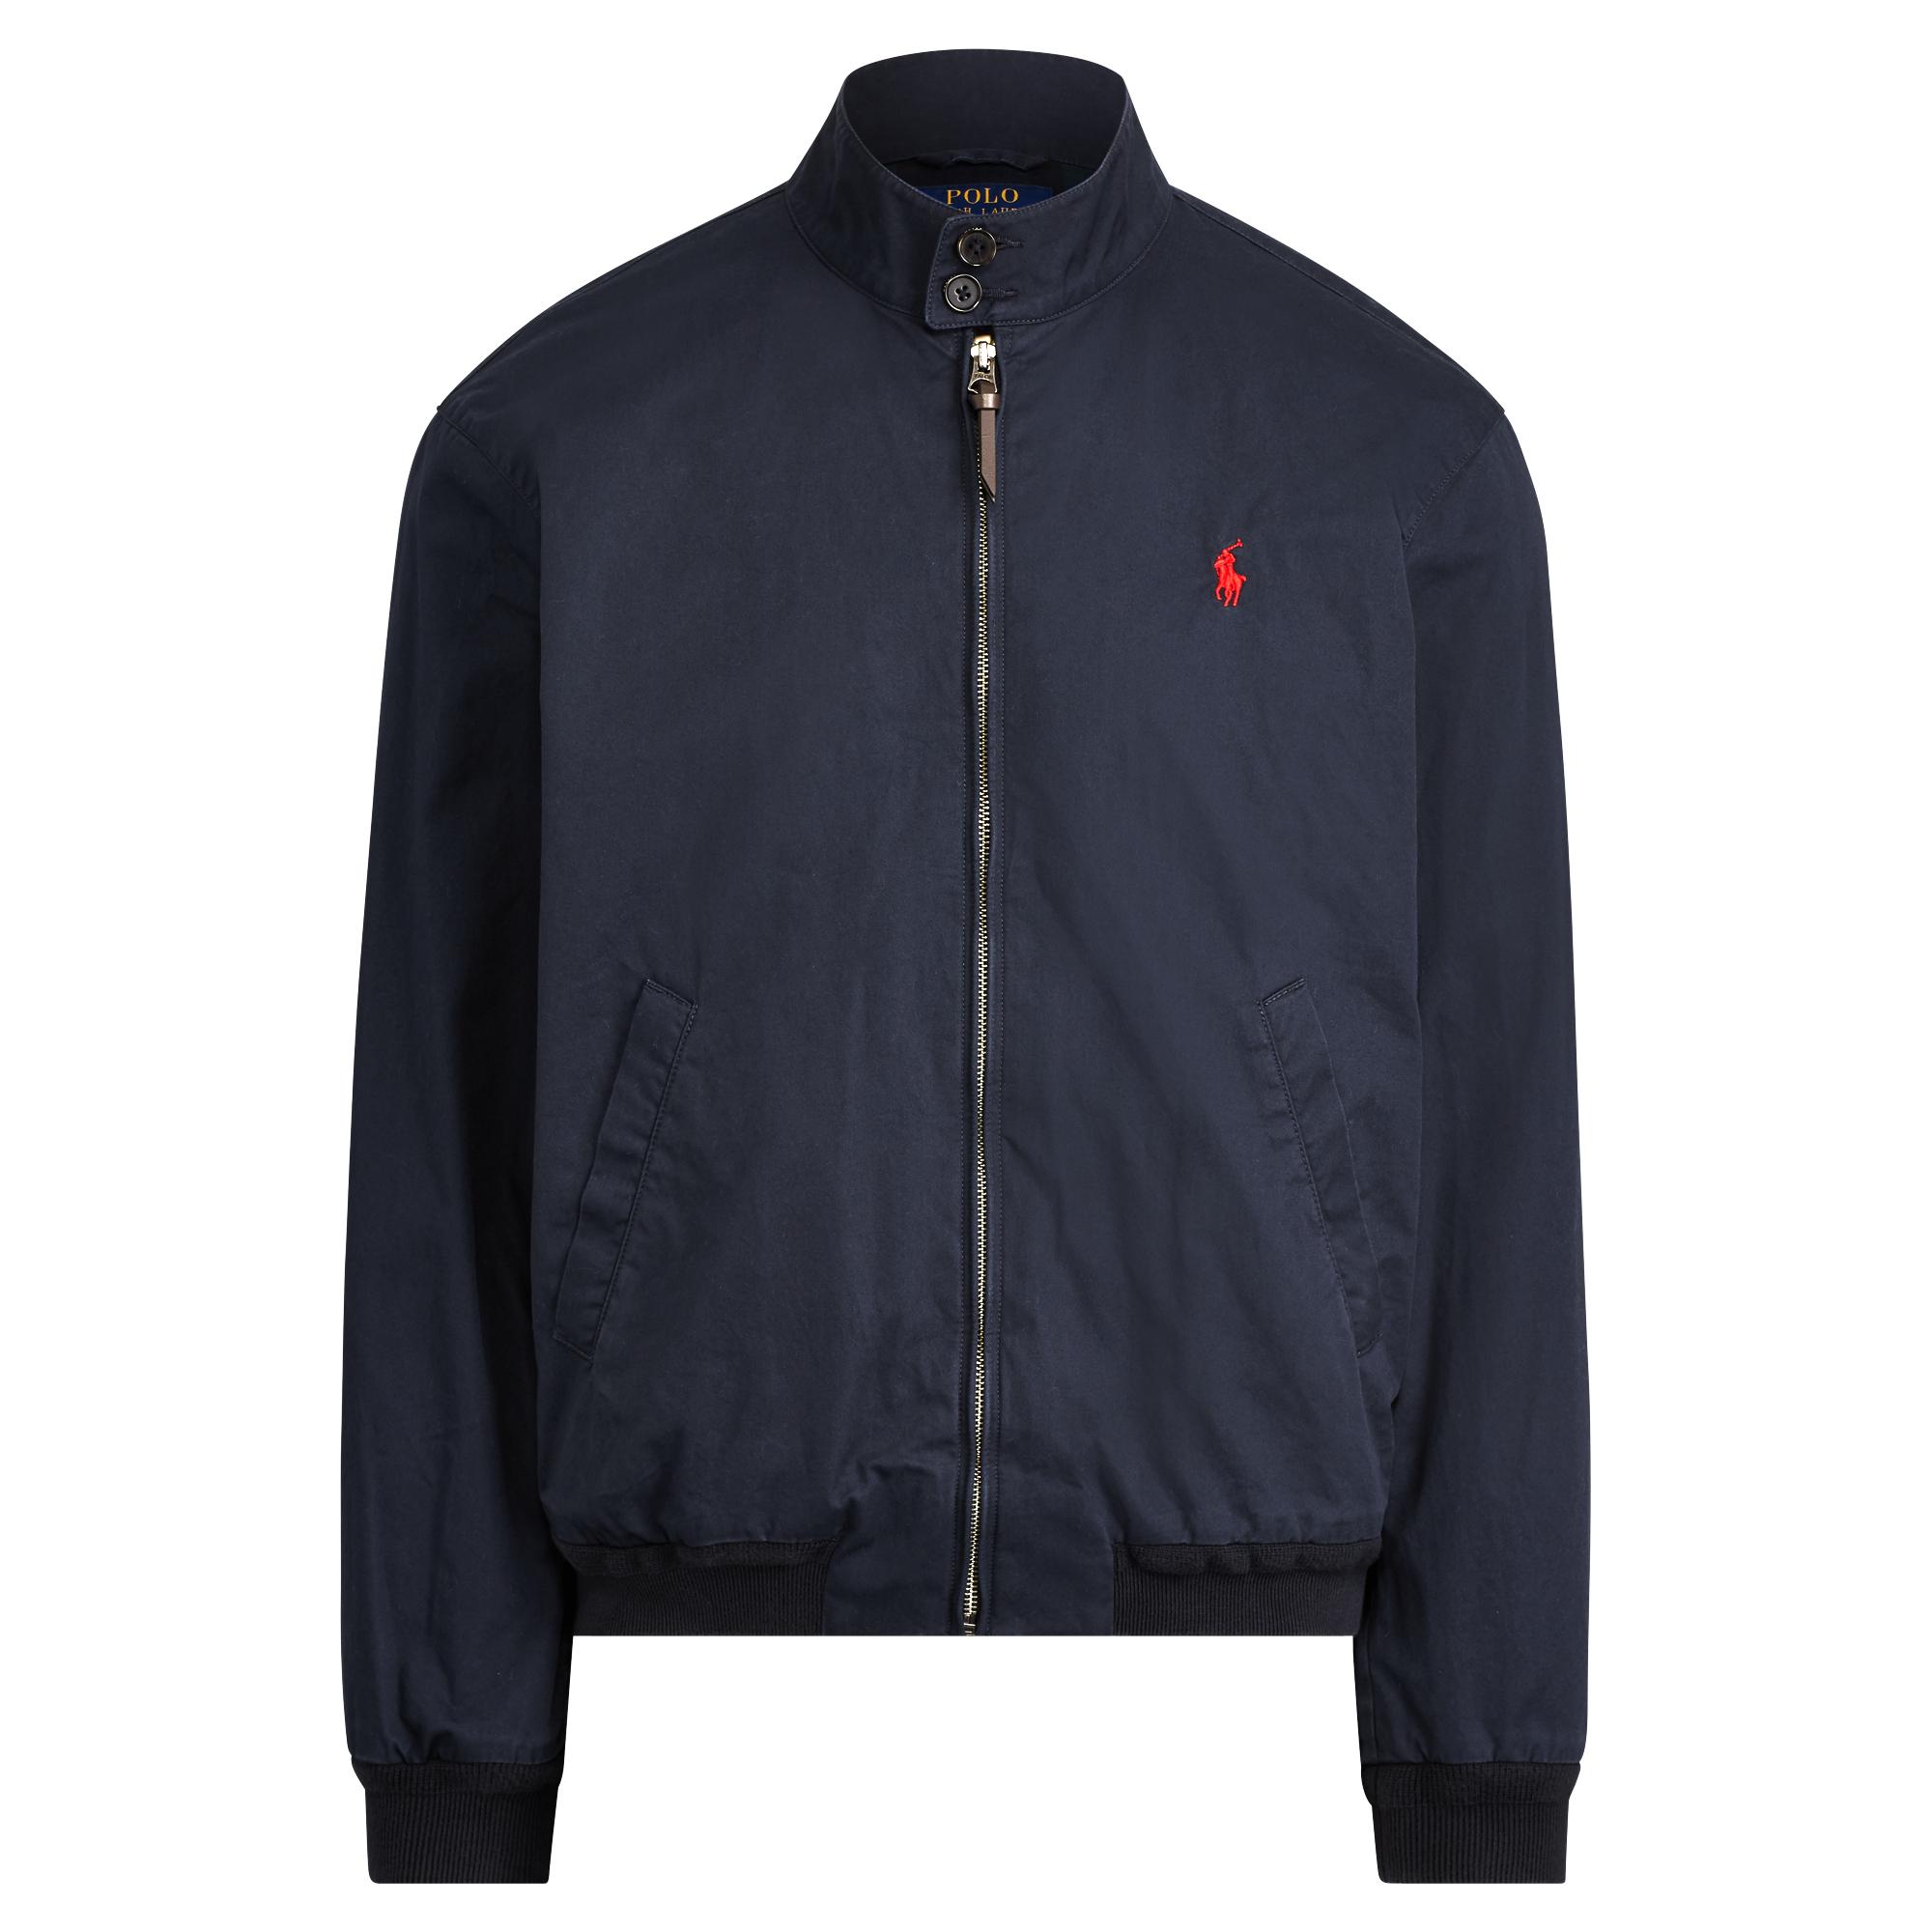 Veste en sergé de coton Ralph Lauren - Tailles S à 2XL